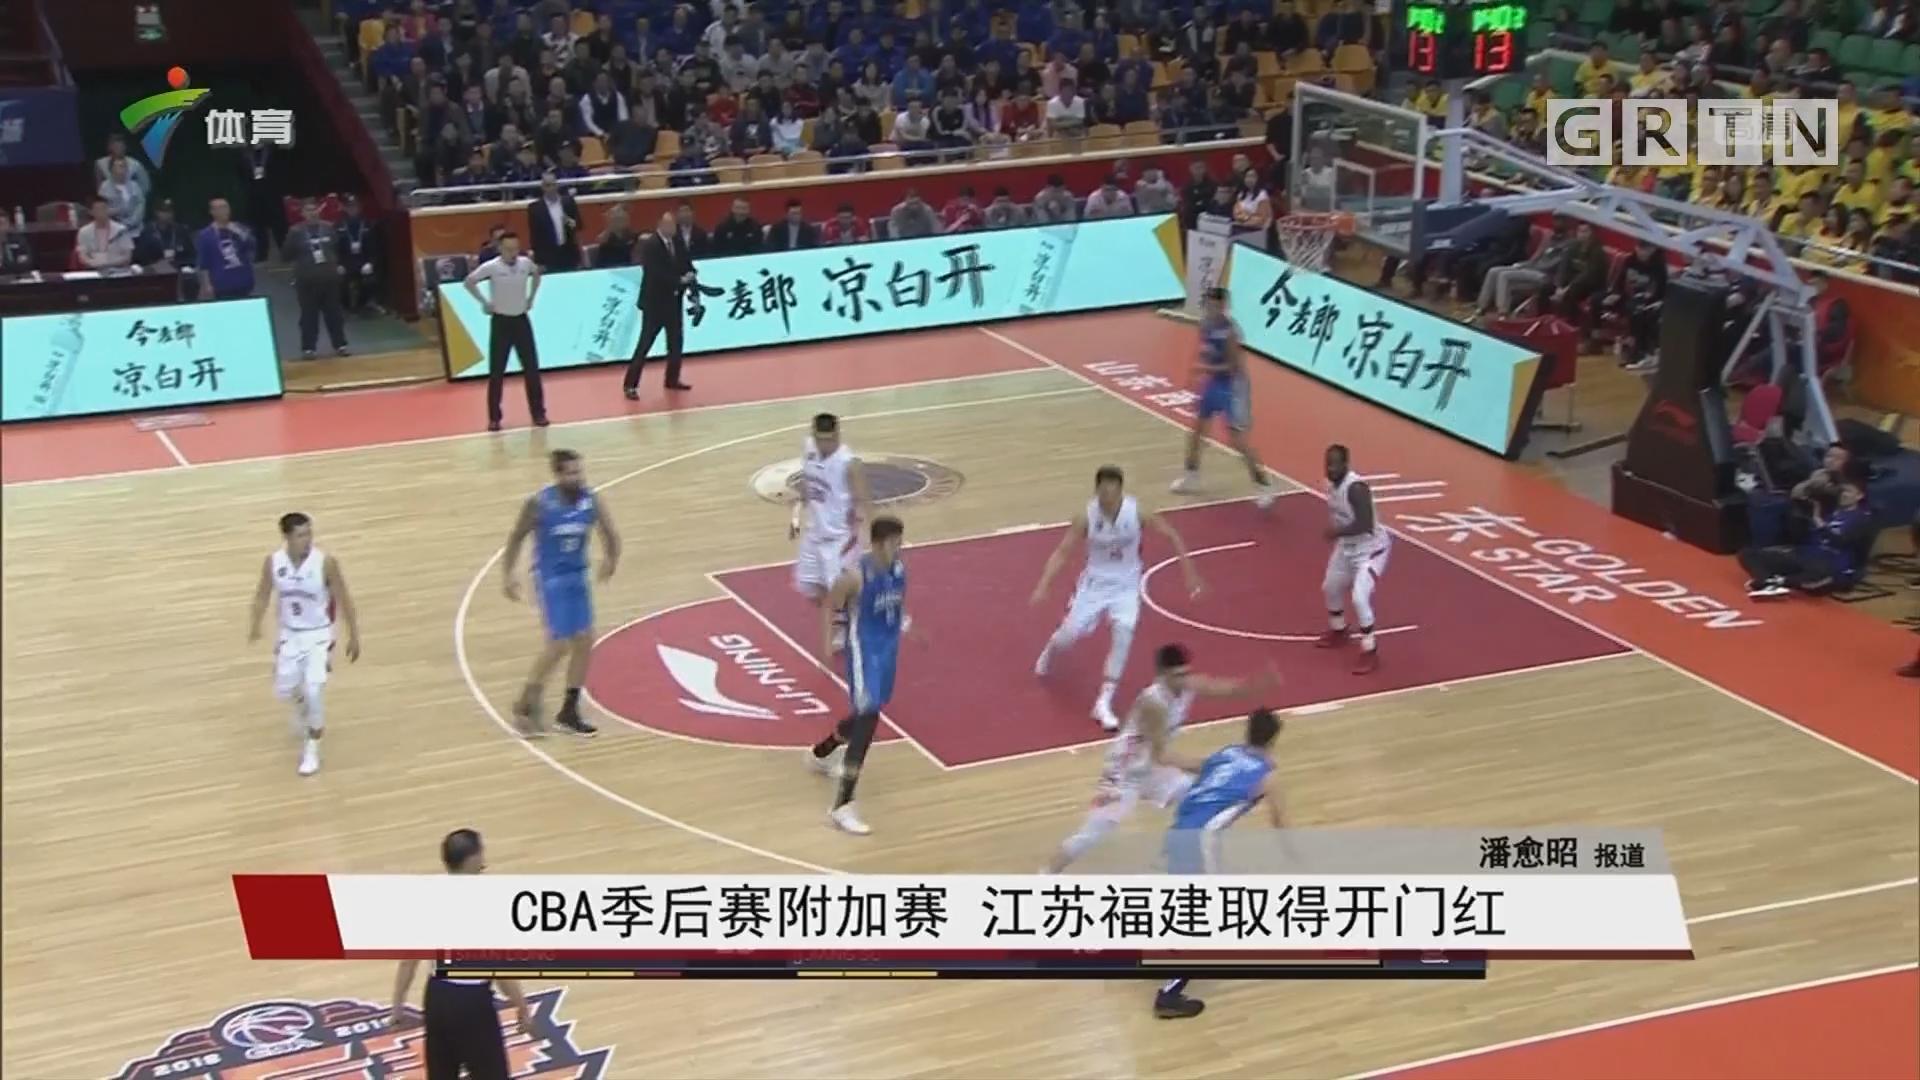 CBA季后赛附加赛 江苏福建取得开门红